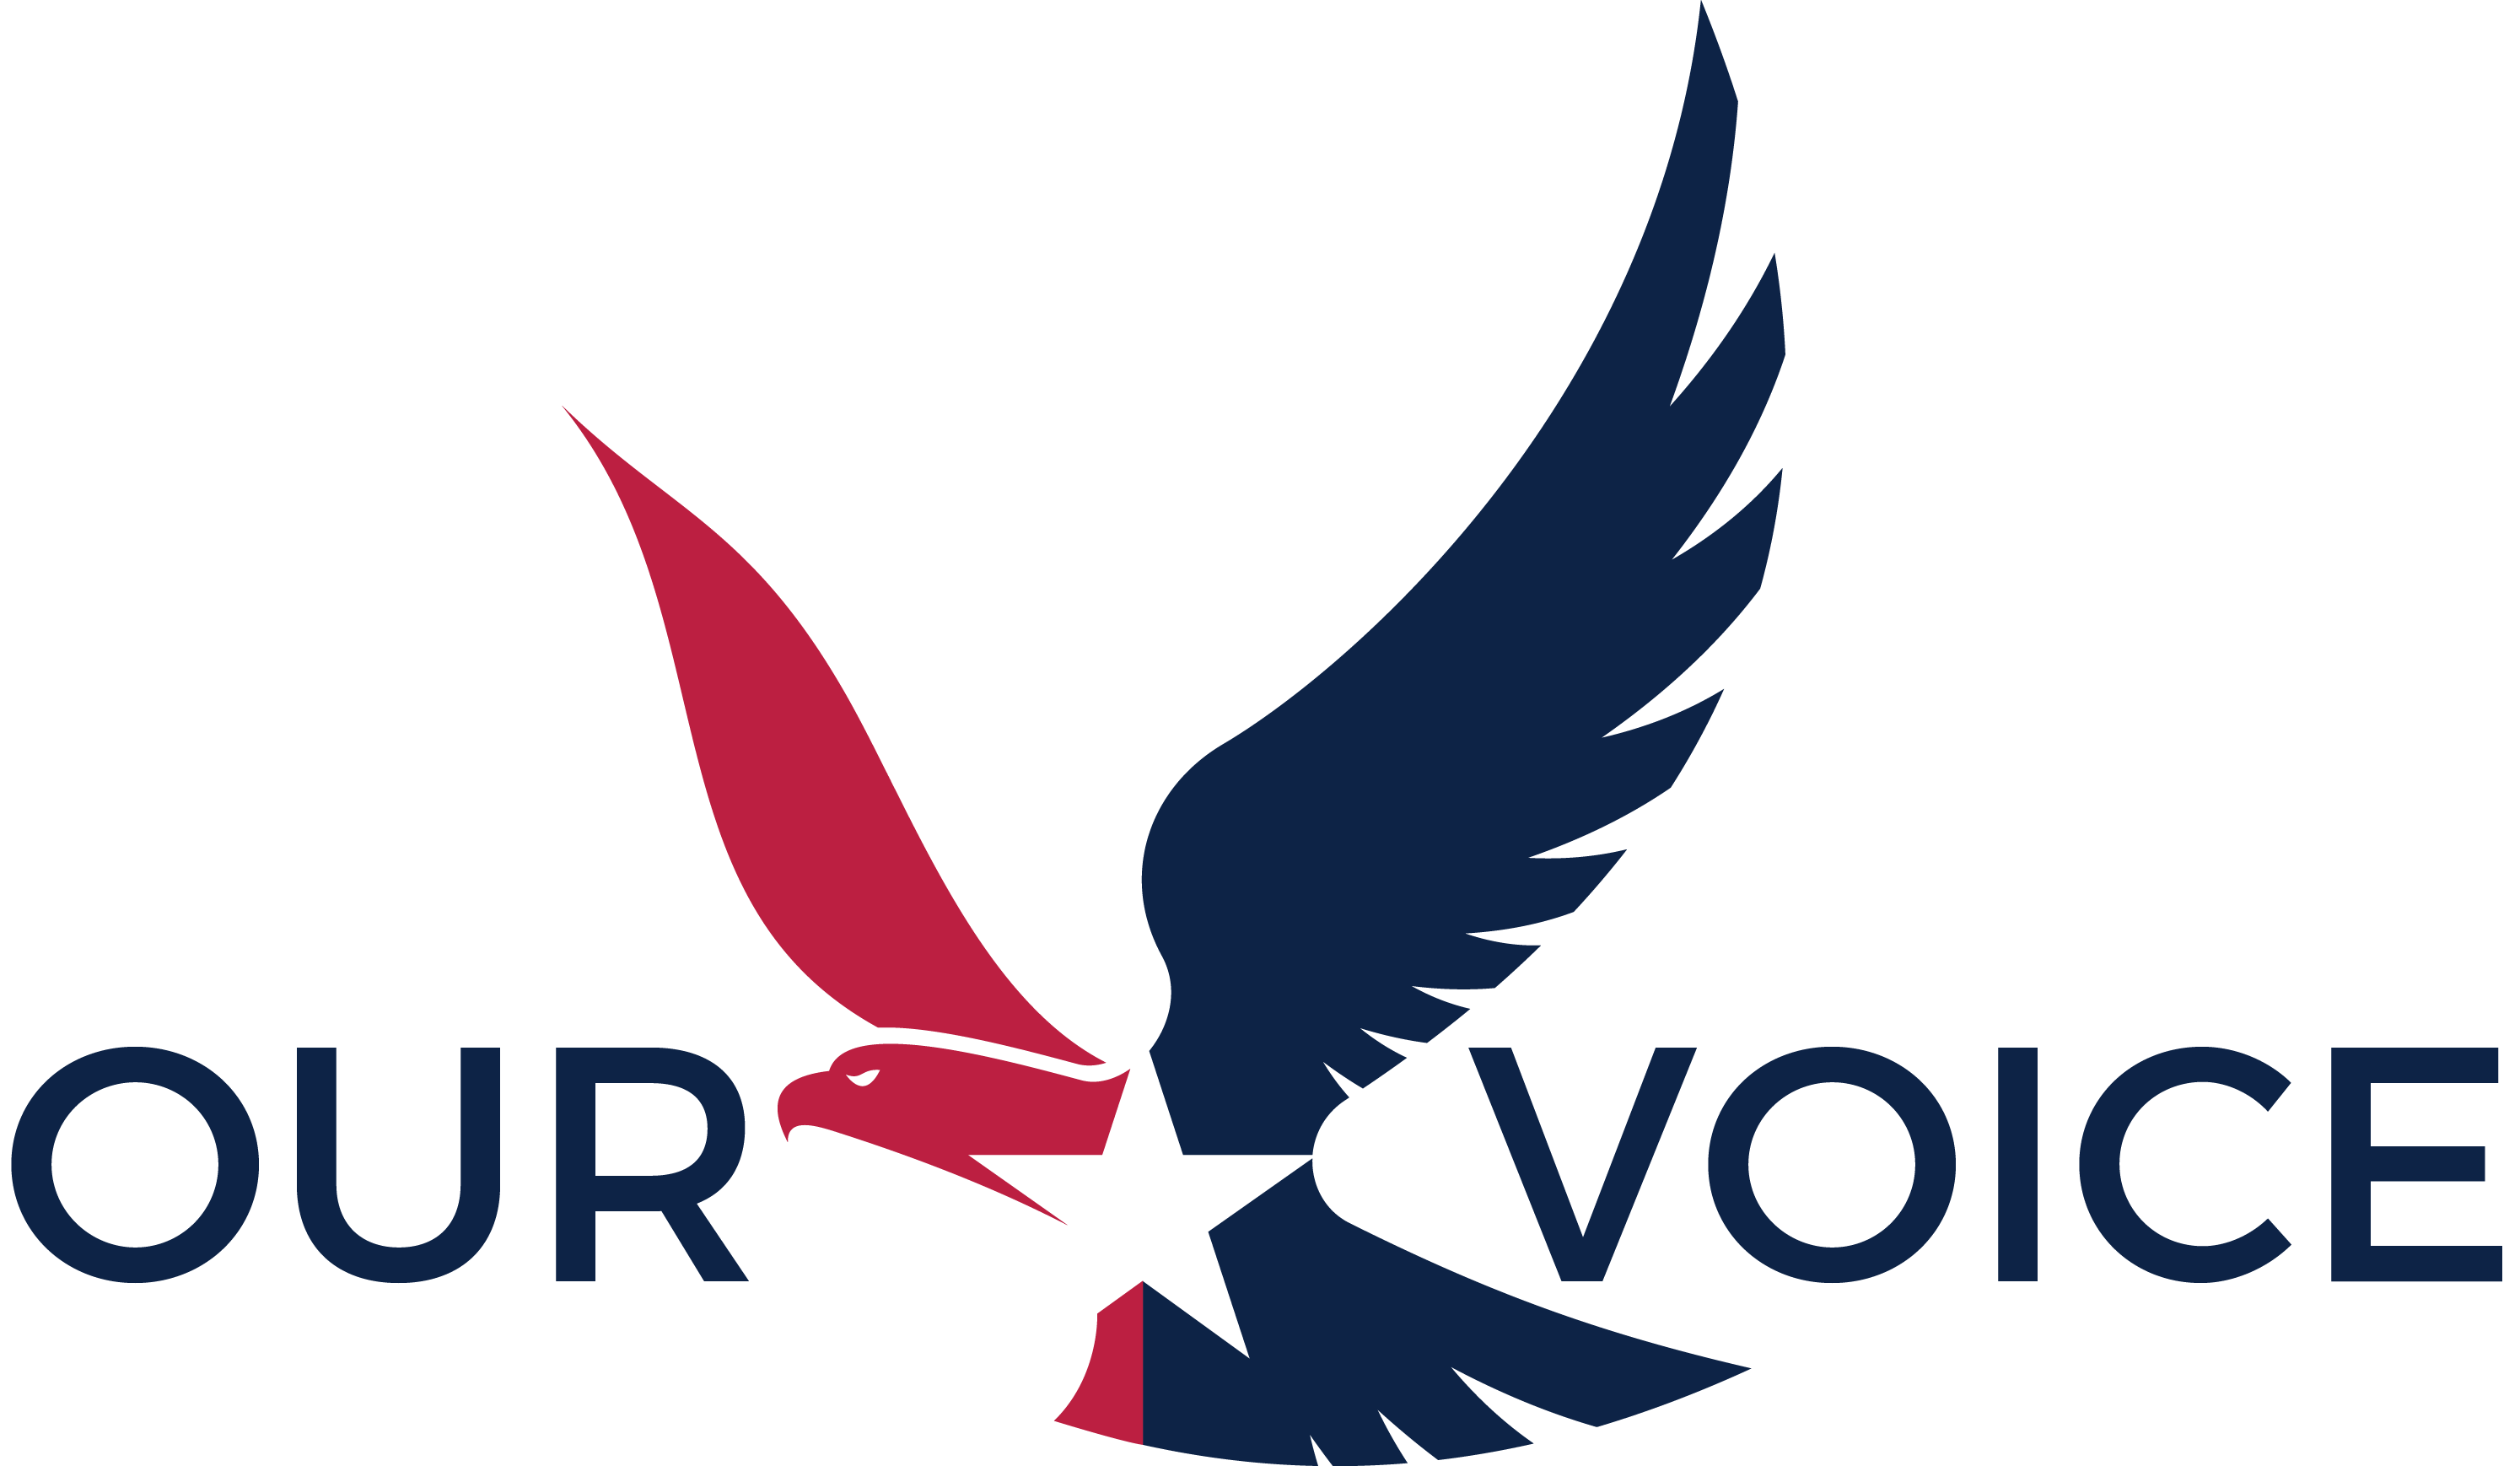 Ov fullcolor logo bluetypeai